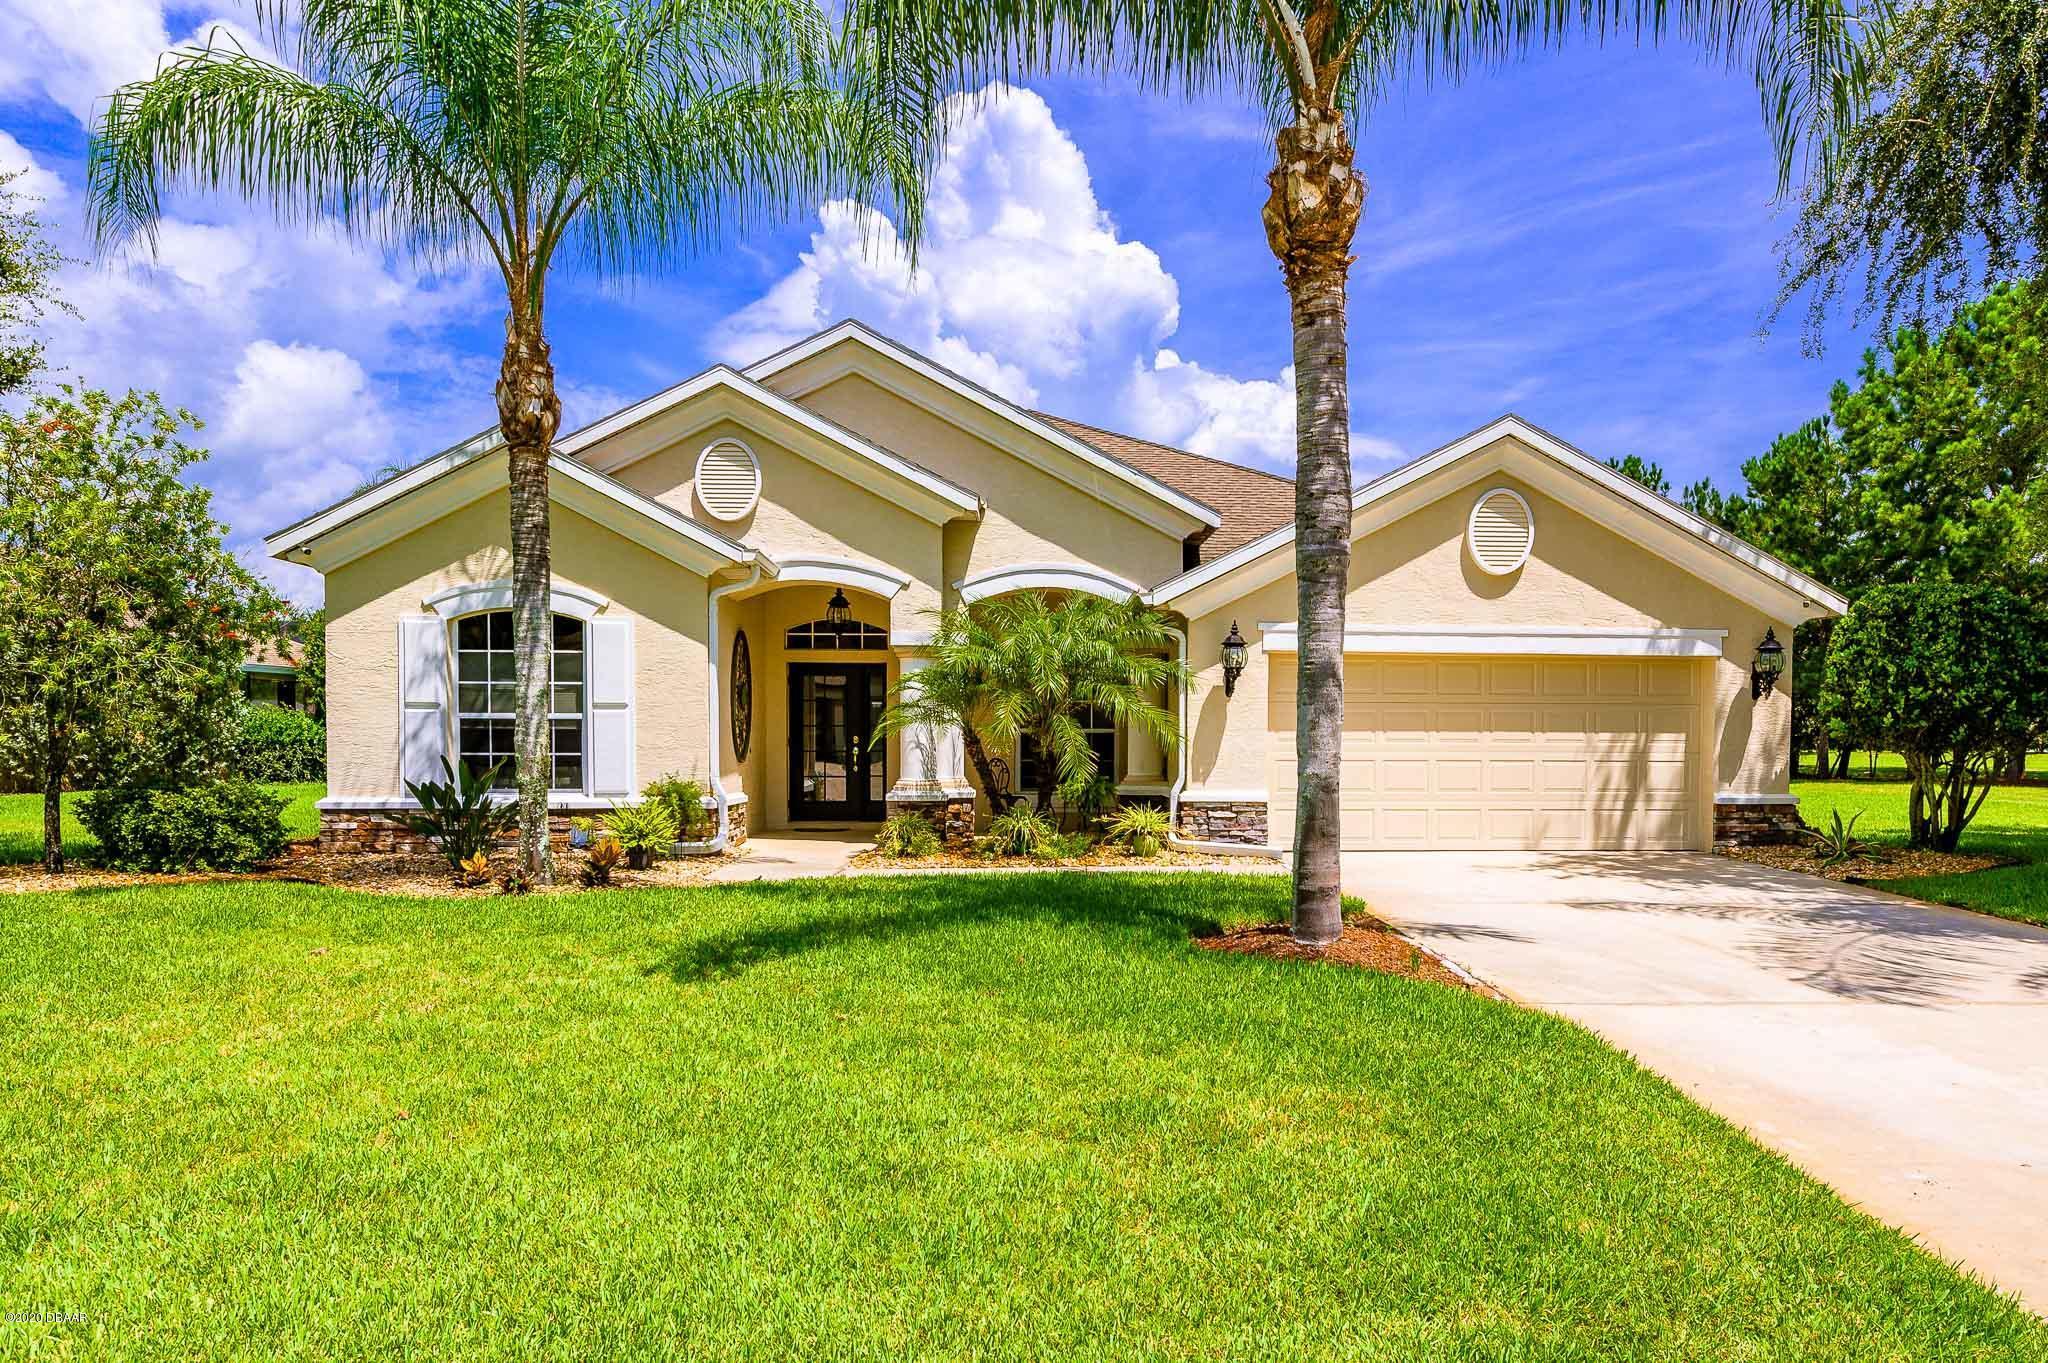 Photo of 1401 Kinnard Circle, Ormond Beach, FL 32174